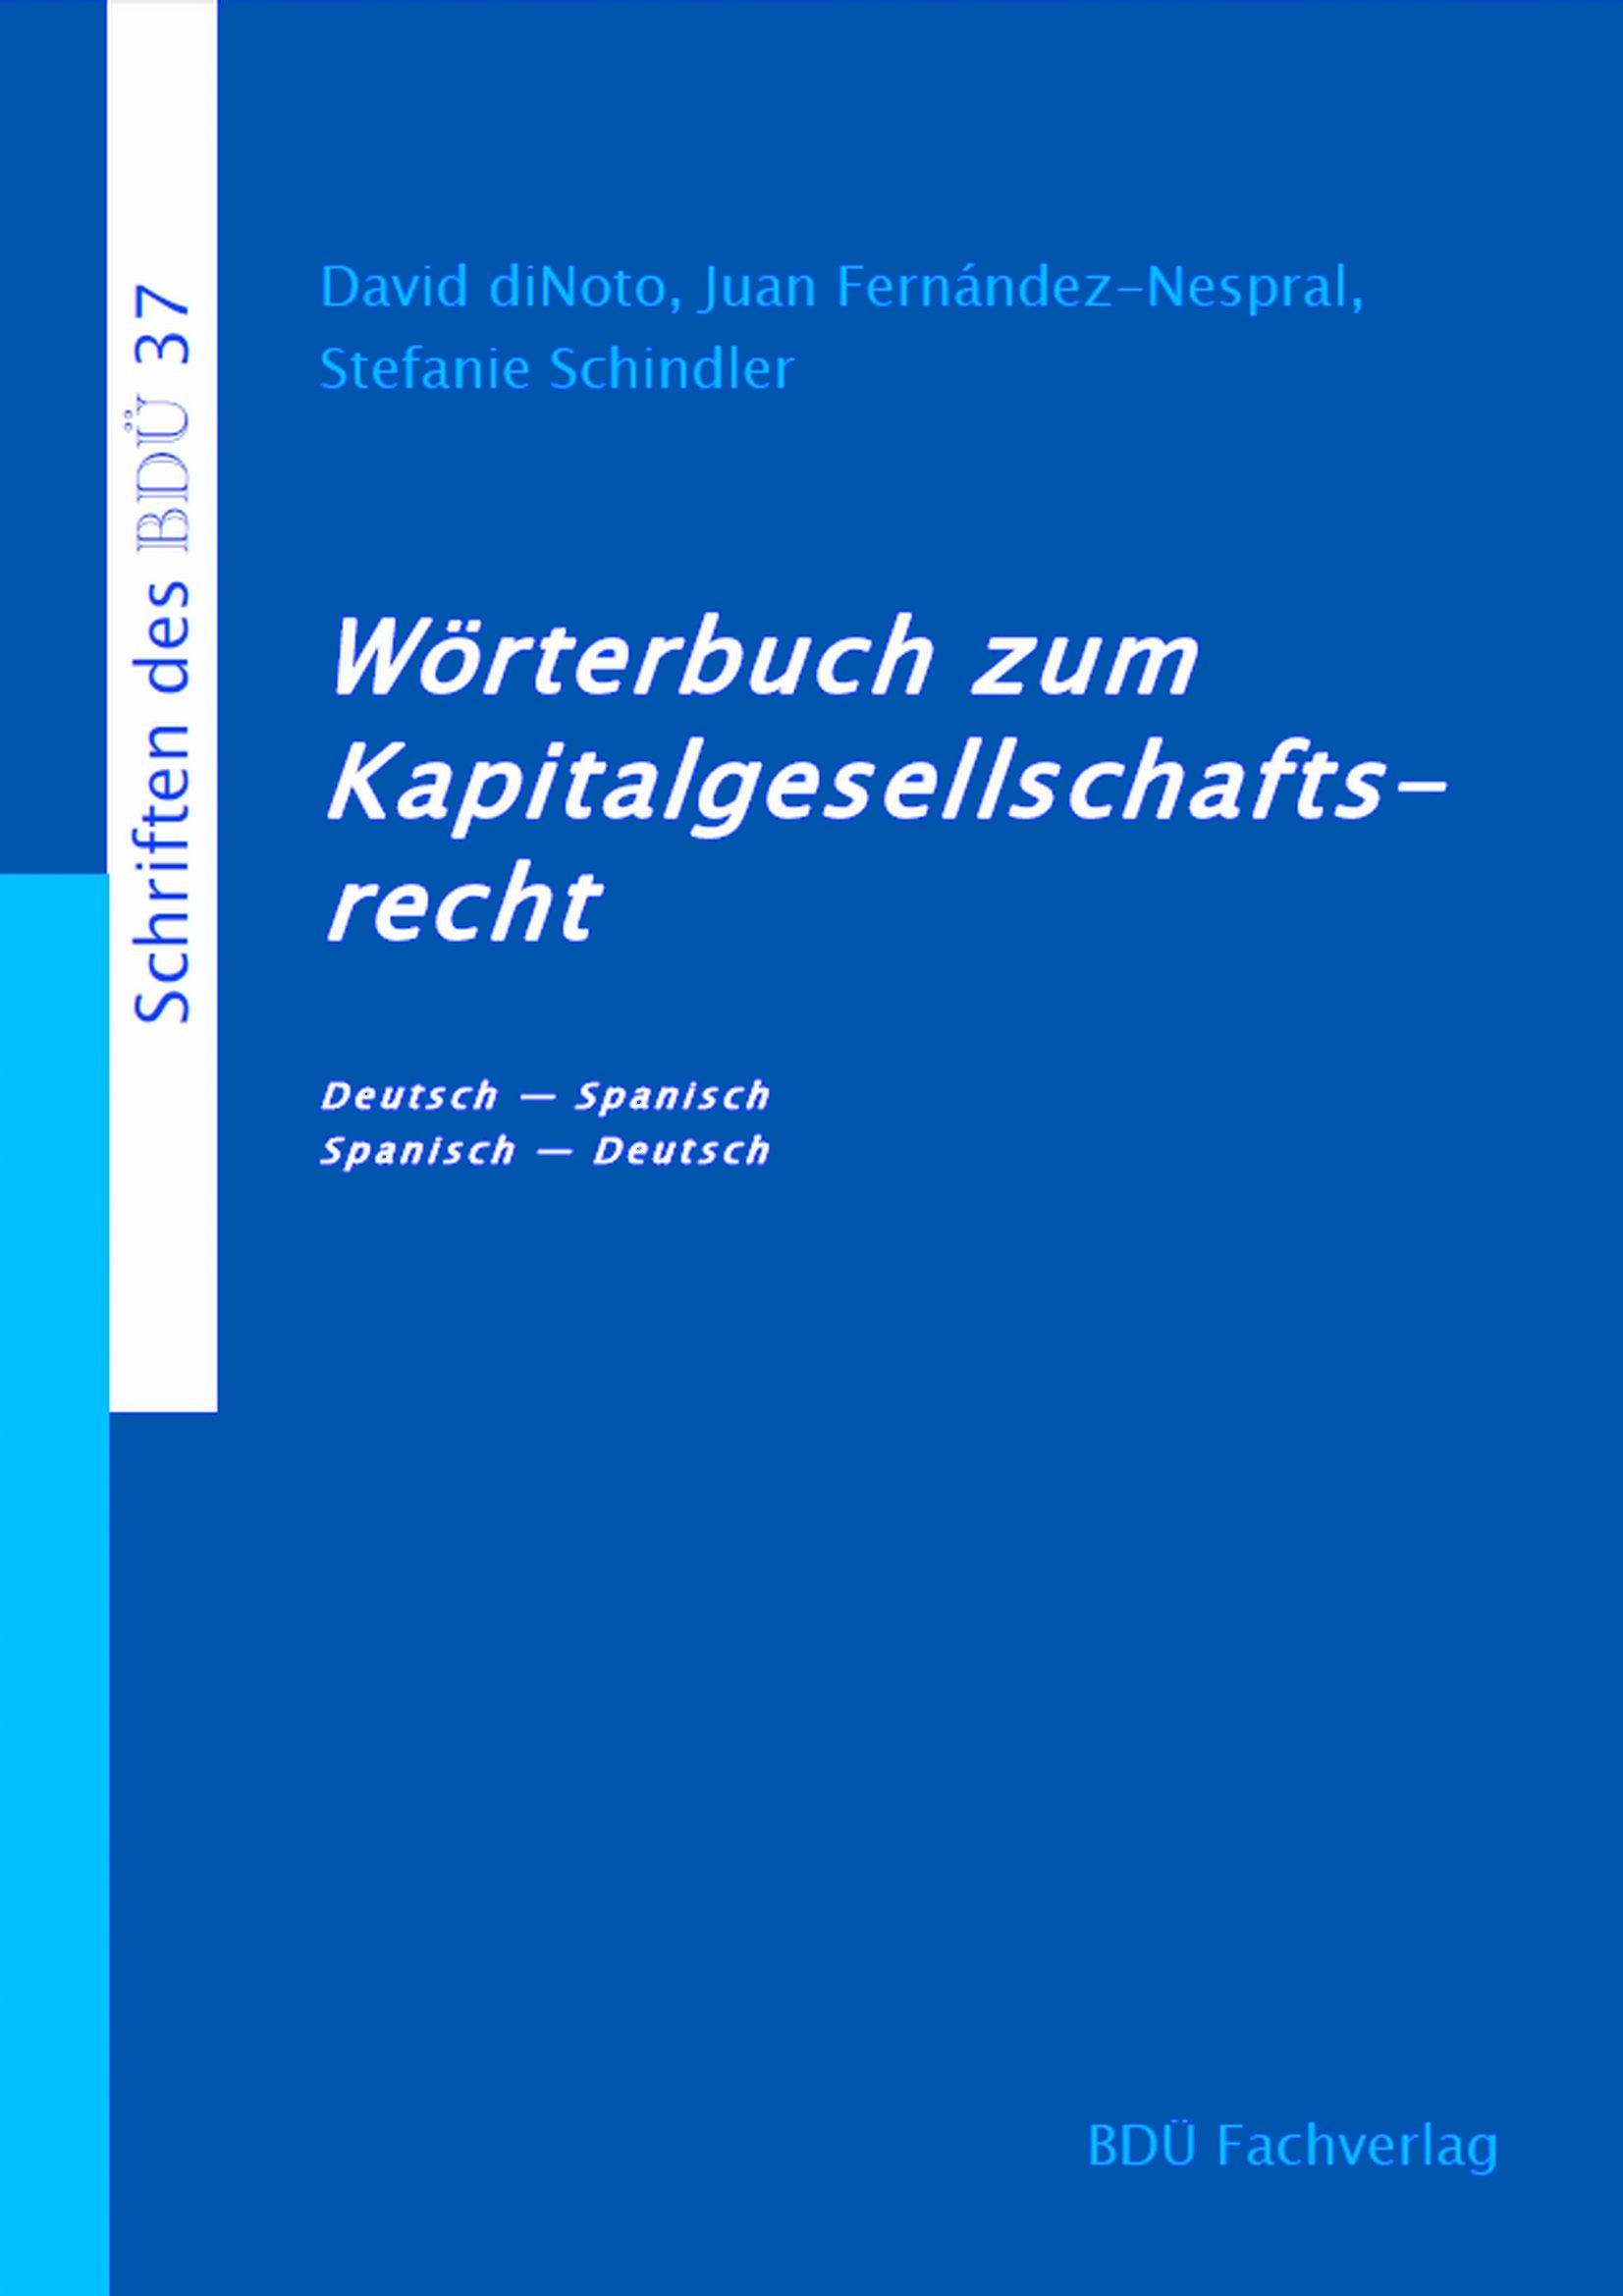 Wörterbuch zum Kapitalgesellschaftsrecht